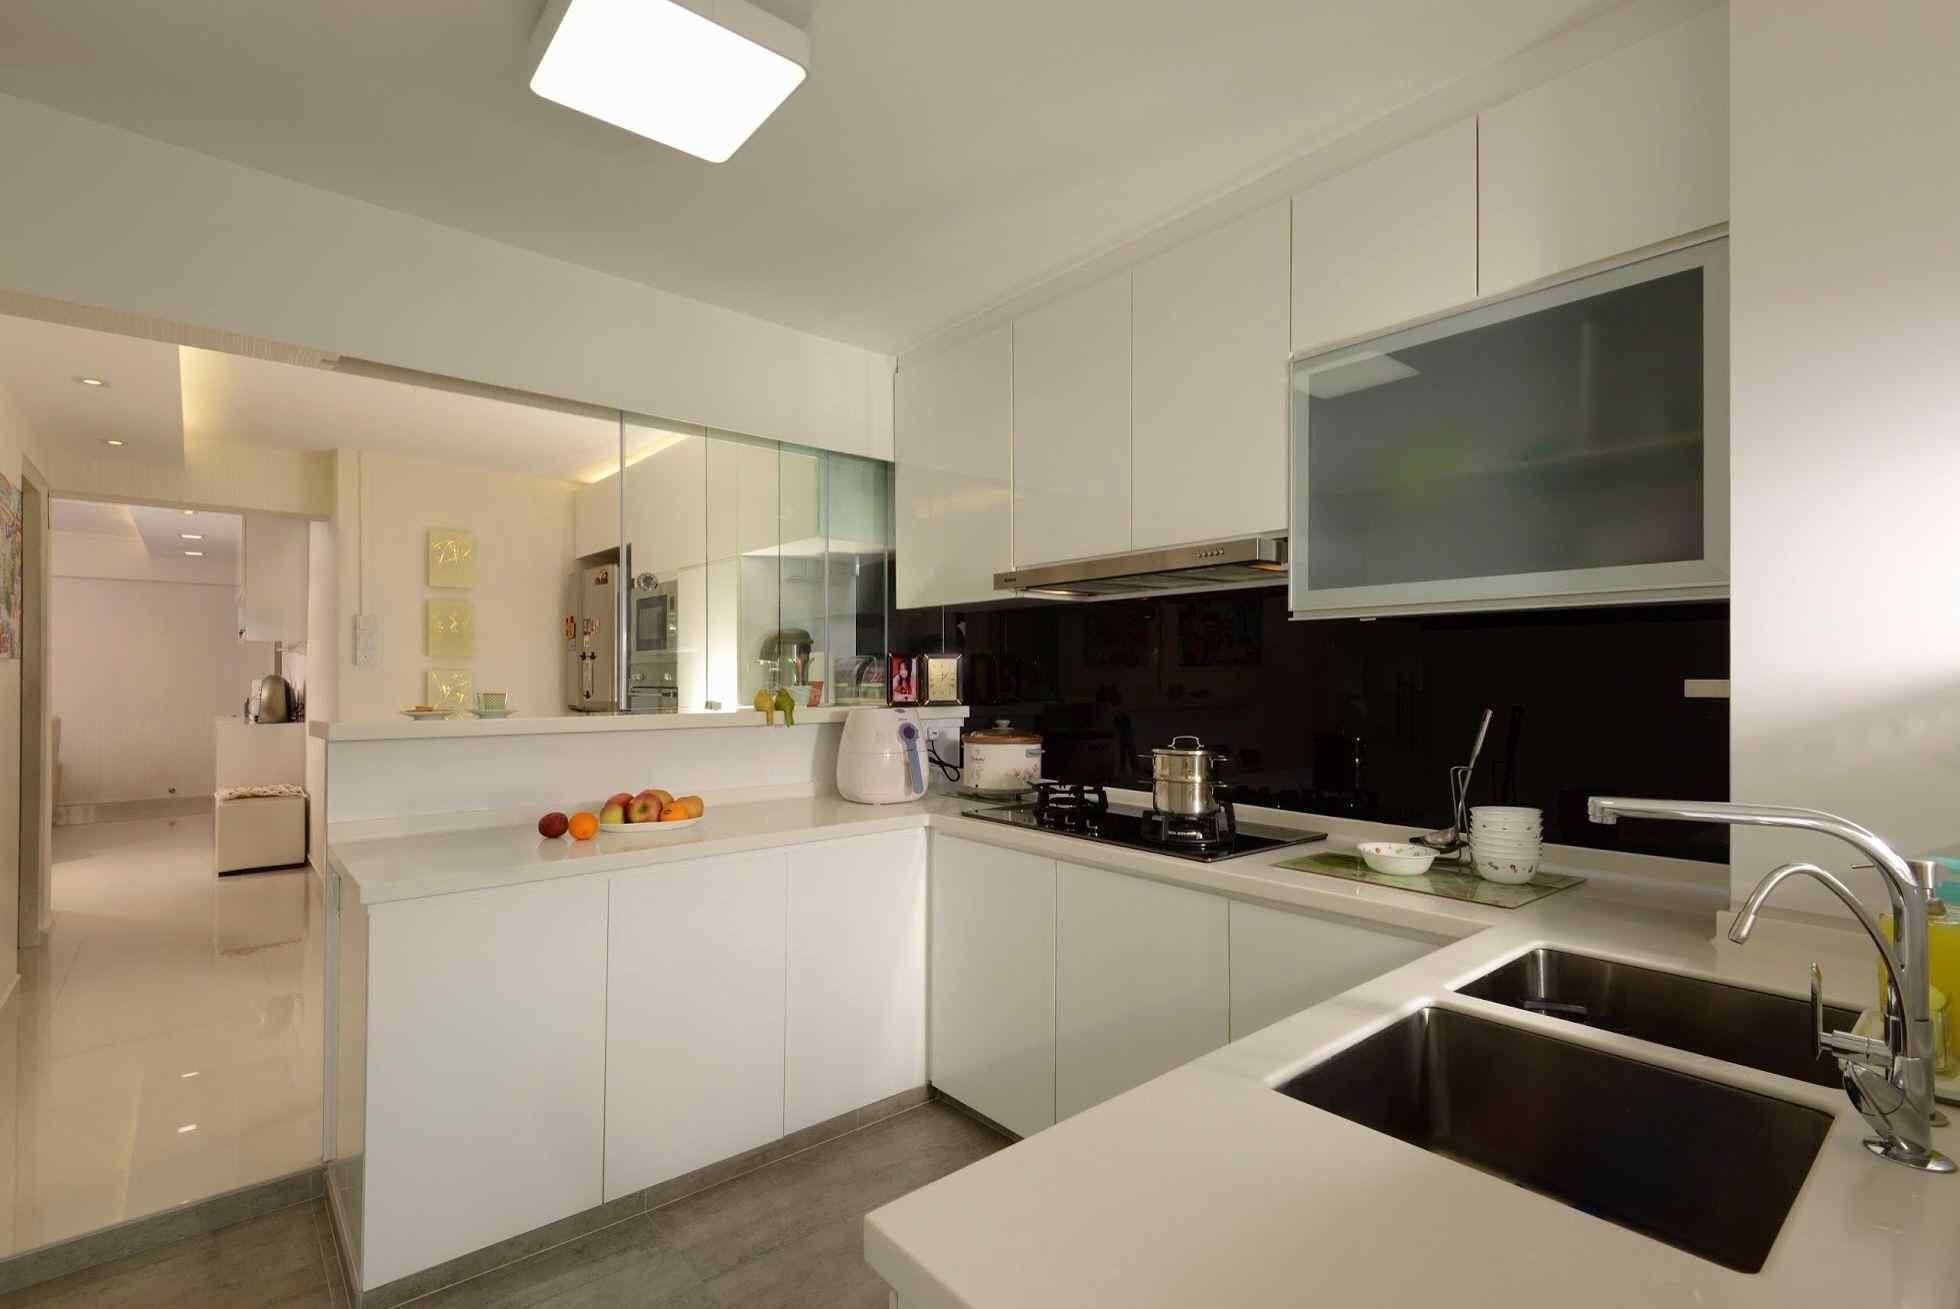 Wet Dry Kitchen Luxury Wet Dry Kitchen Dry Wet Kitchen For Residential Interior Design Renovation Ideas Modern Kitchen Online Kitchen Design Kitchen